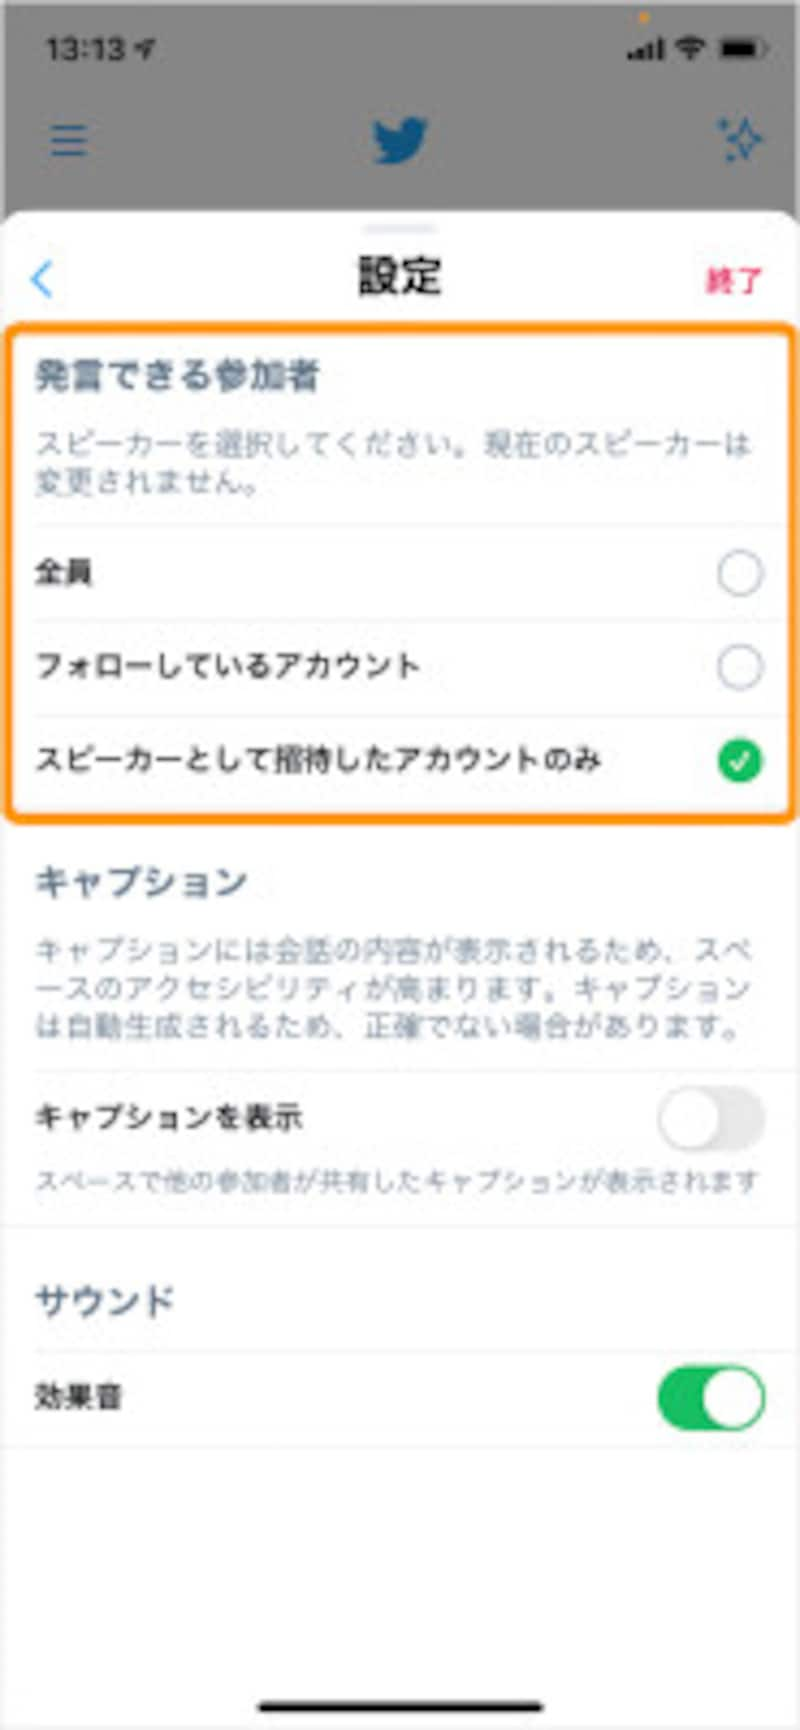 「発言できる参加者」でスピーカーにしたいアカウントの種類を選択